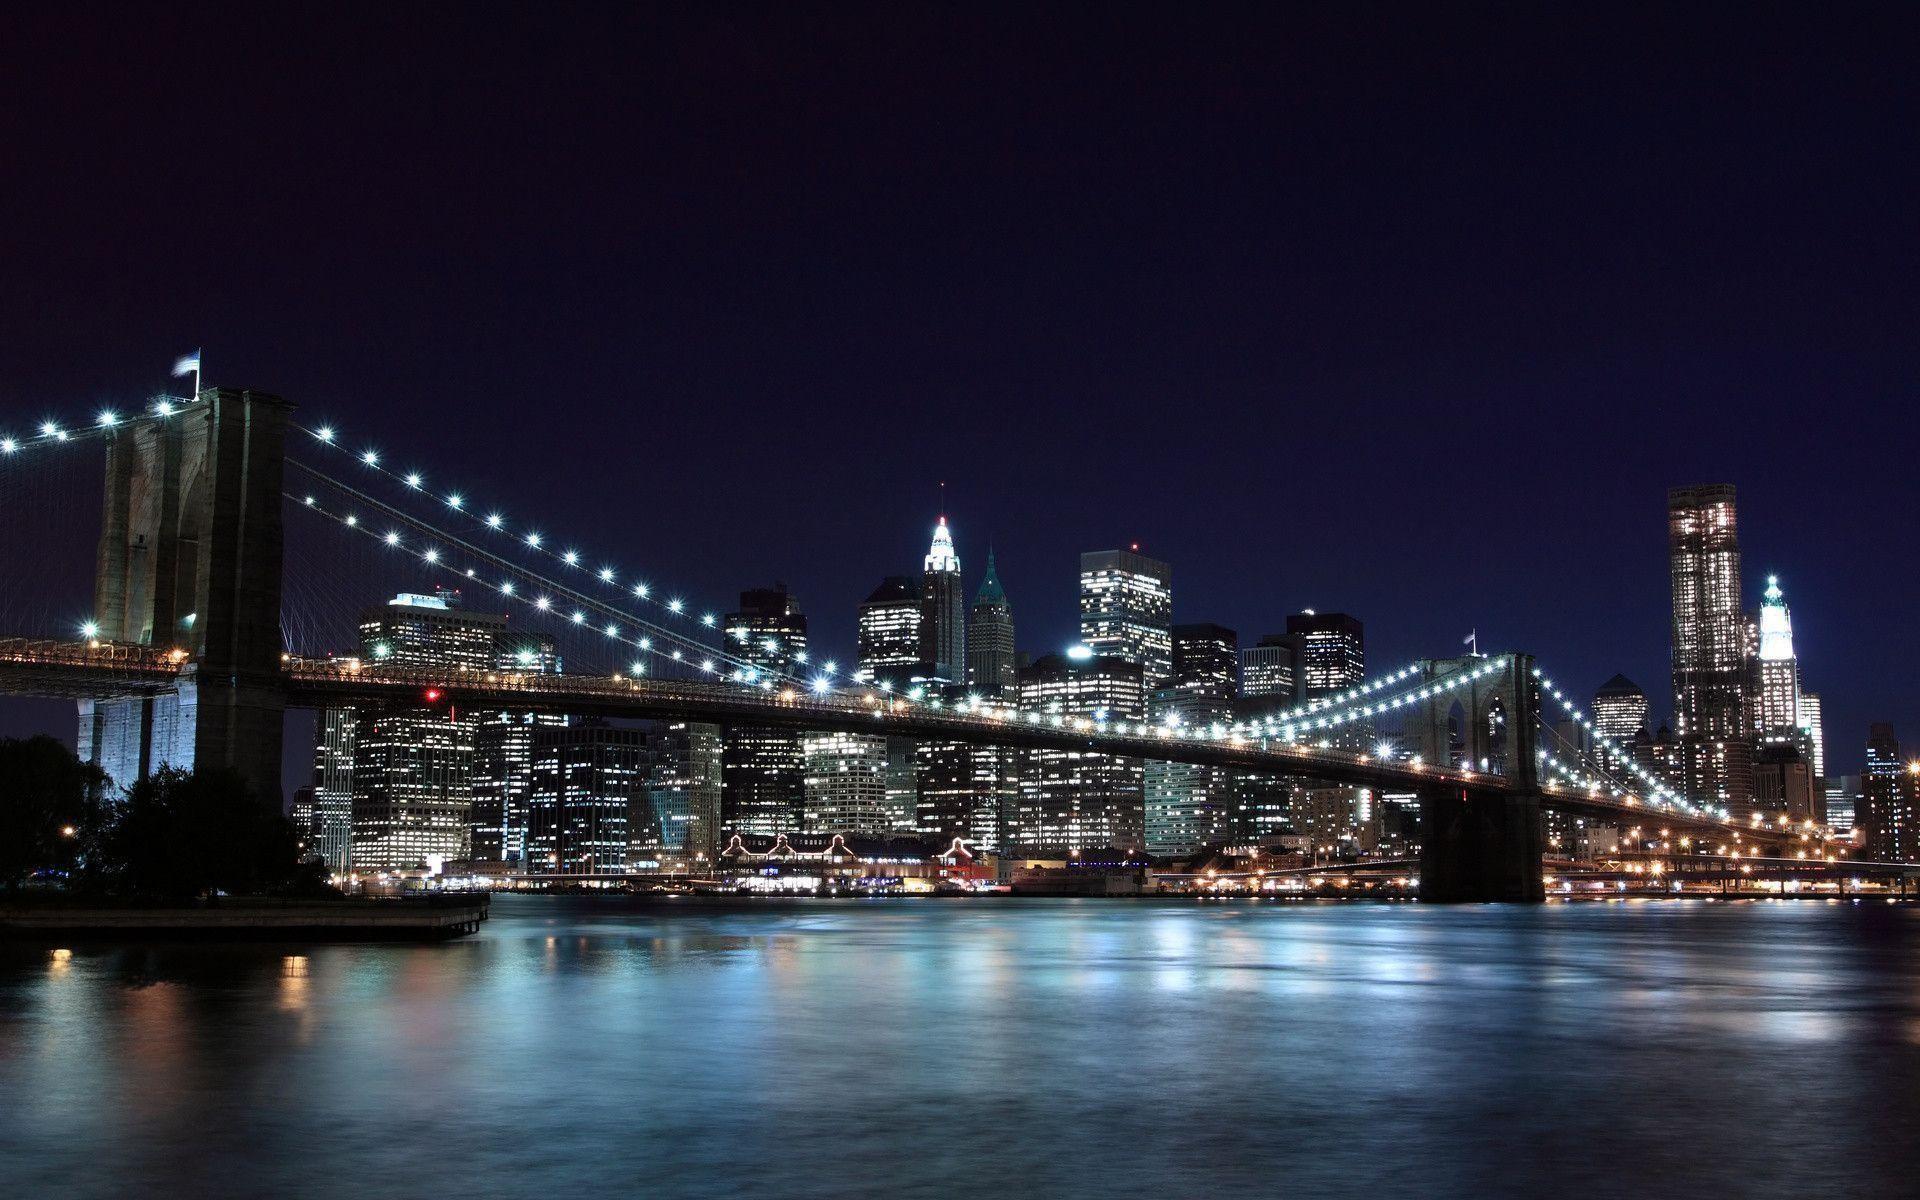 Brooklyn bridge wallpaper 76 images - Bridge wallpaper hd ...